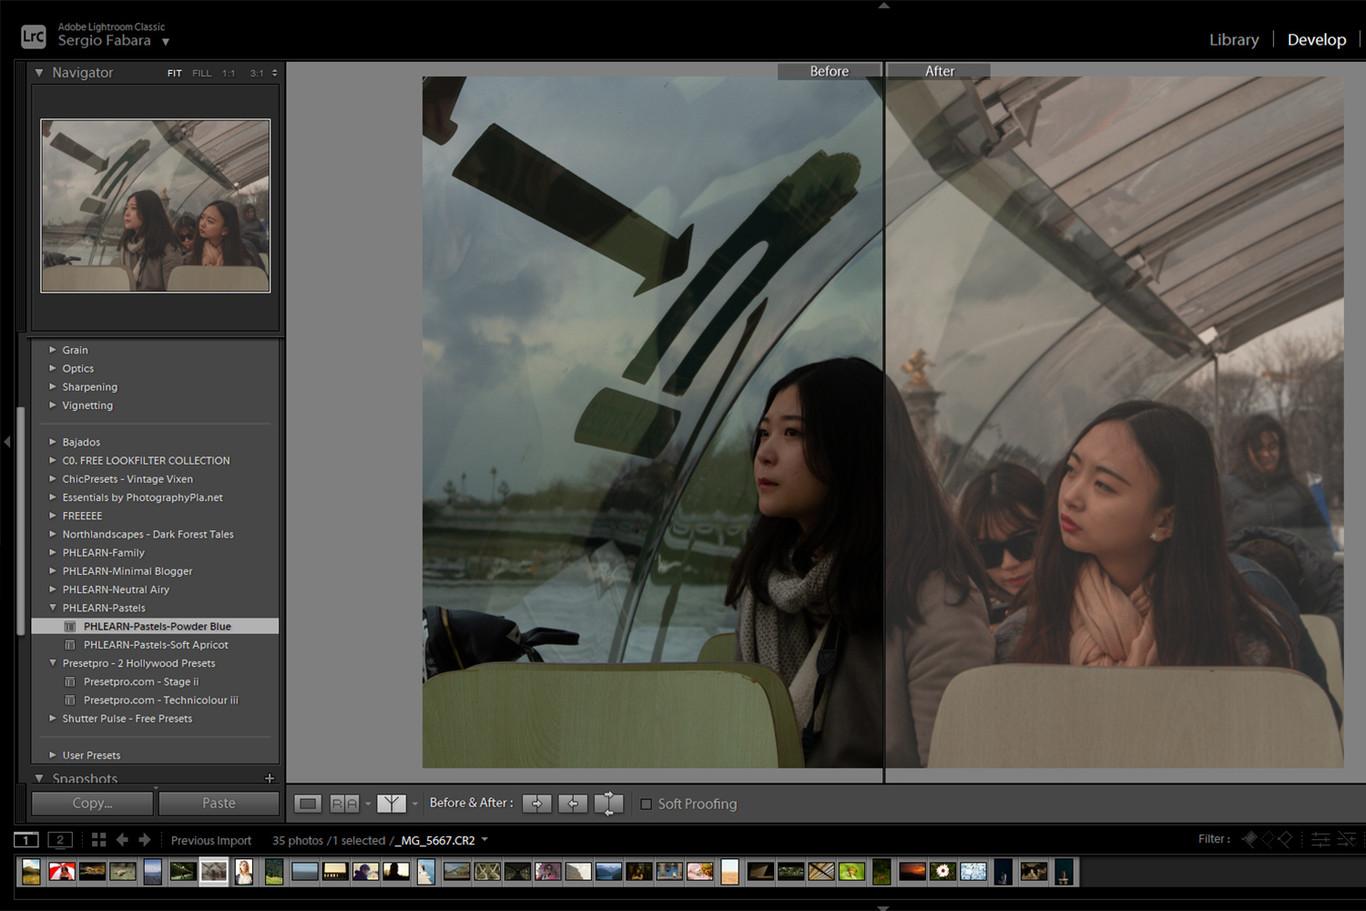 Nueve sets de presets de Lightroom gratis y muy recomendados para revelar tus fotos